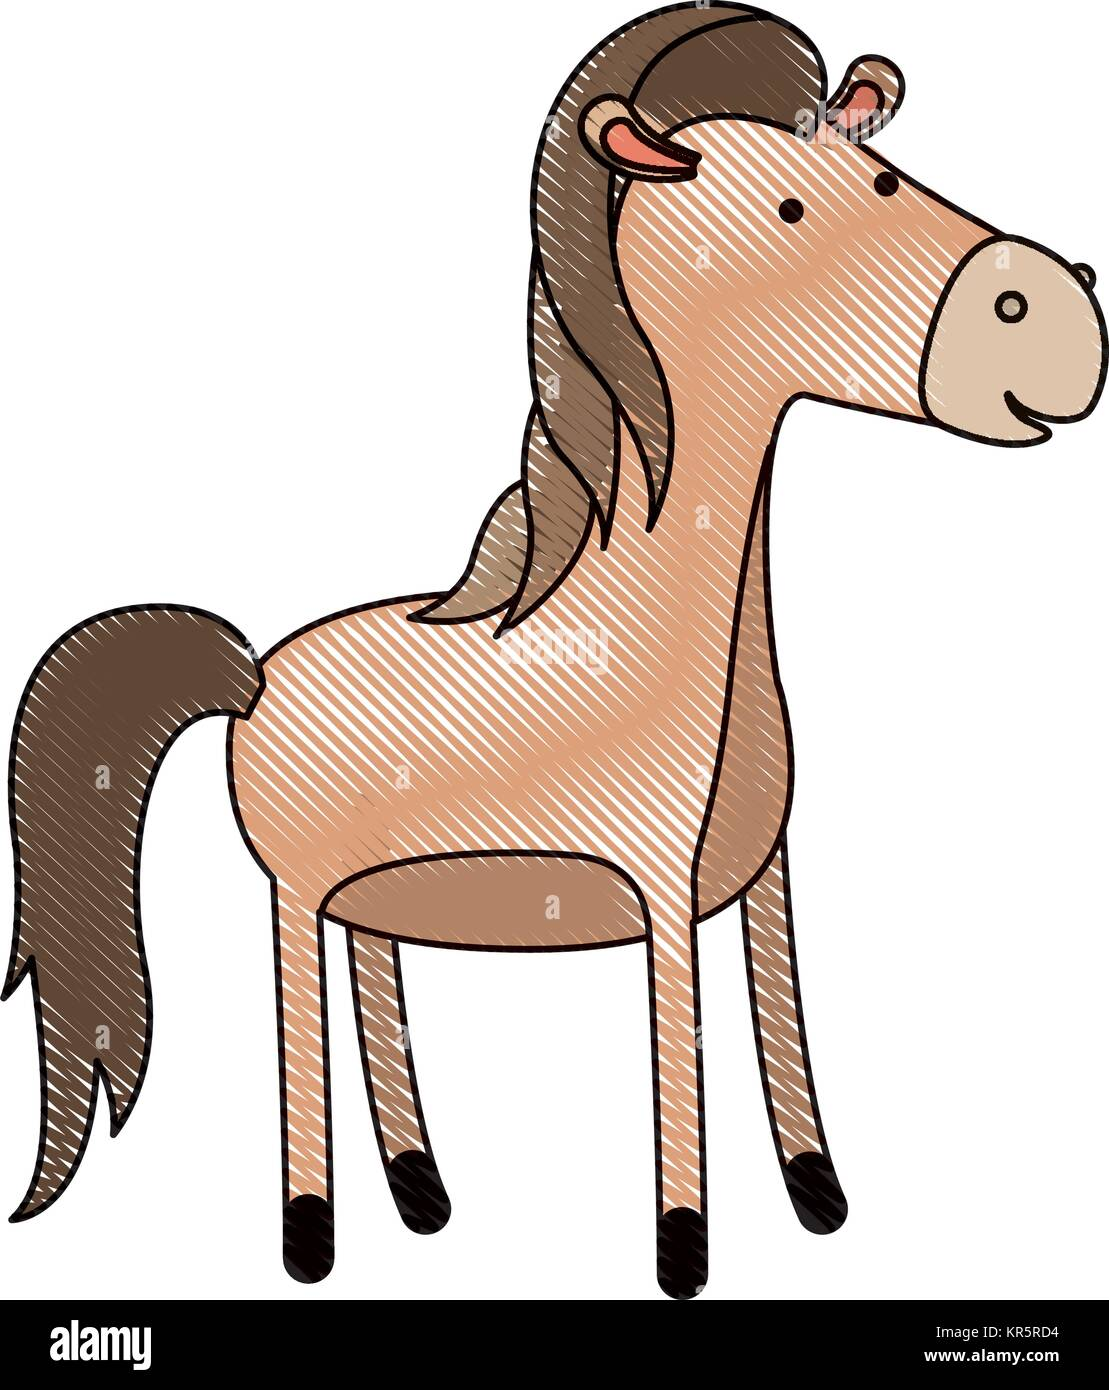 En dessin anim cheval crayon de couleur d 39 ossature avec contour noir vecteurs et illustration - Cheval dessin couleur ...